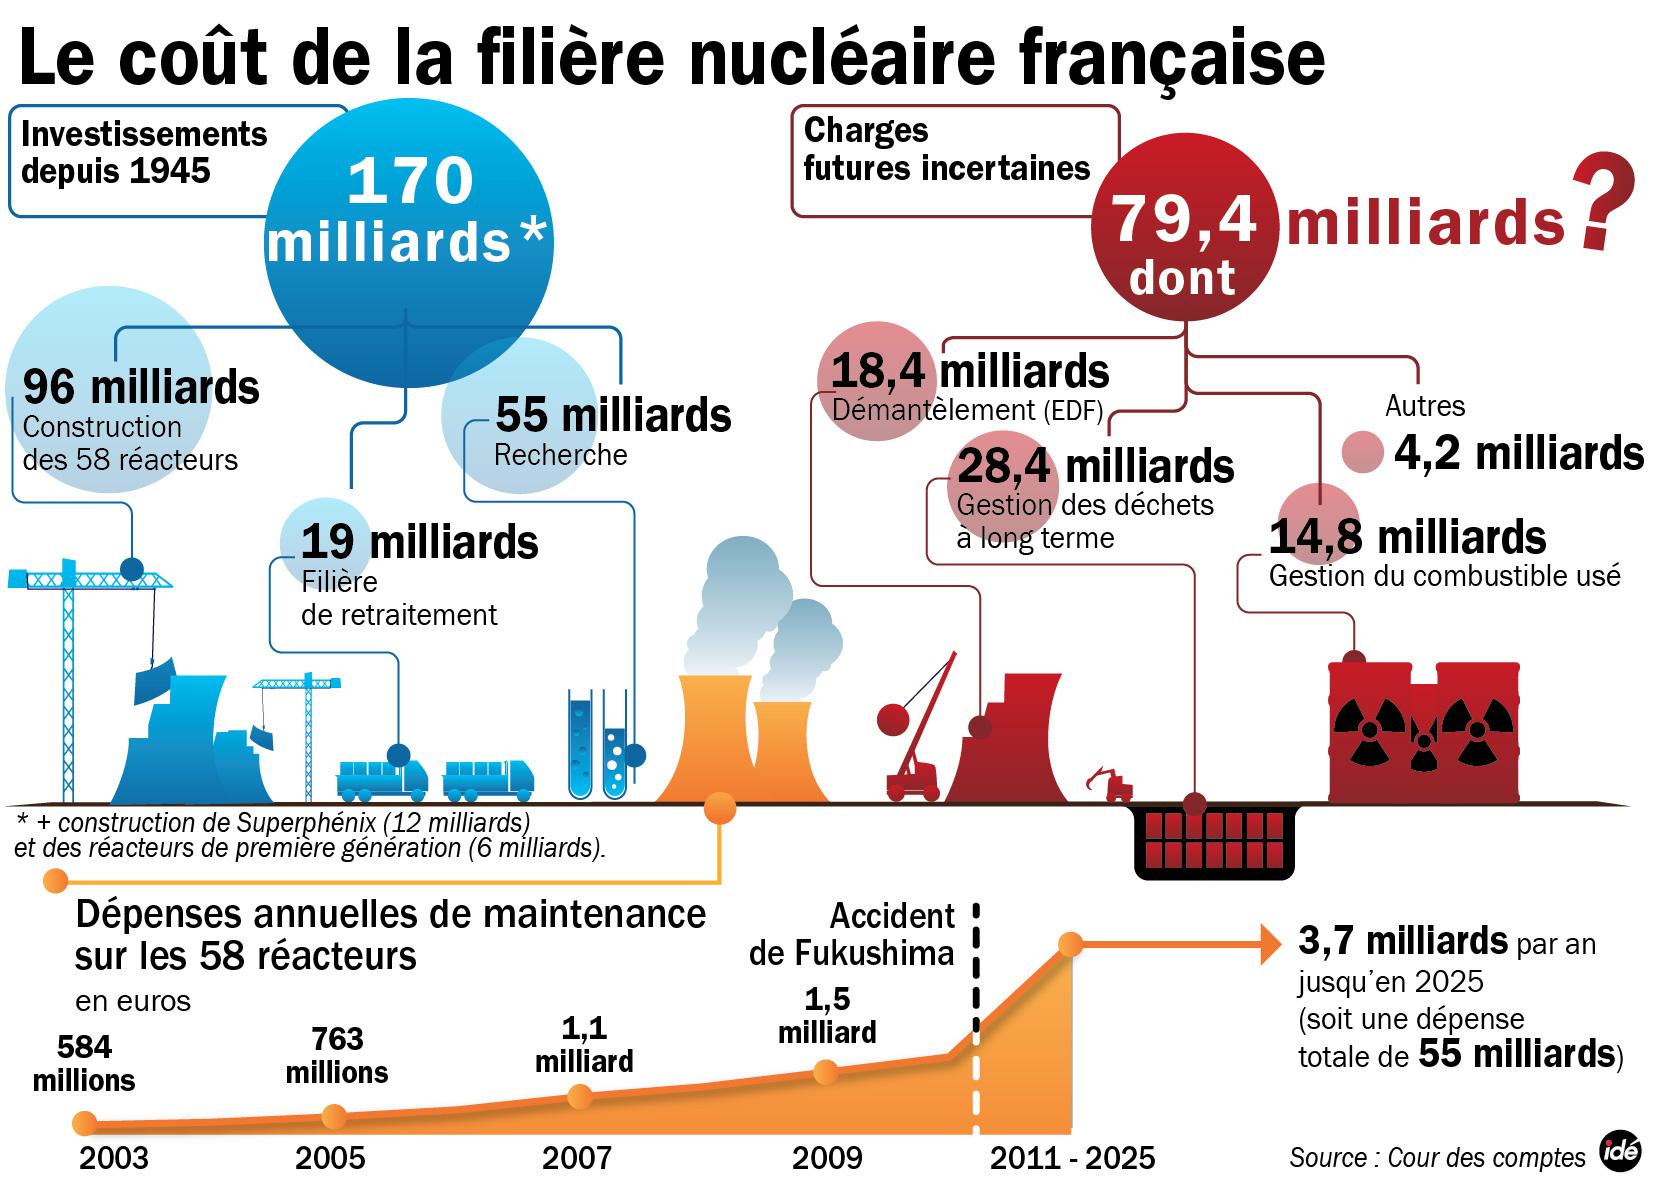 Le nucléaire ne semble plus être l'énergie bon marché que l'on nous avait présenté Schema-cour-des-comptenuc